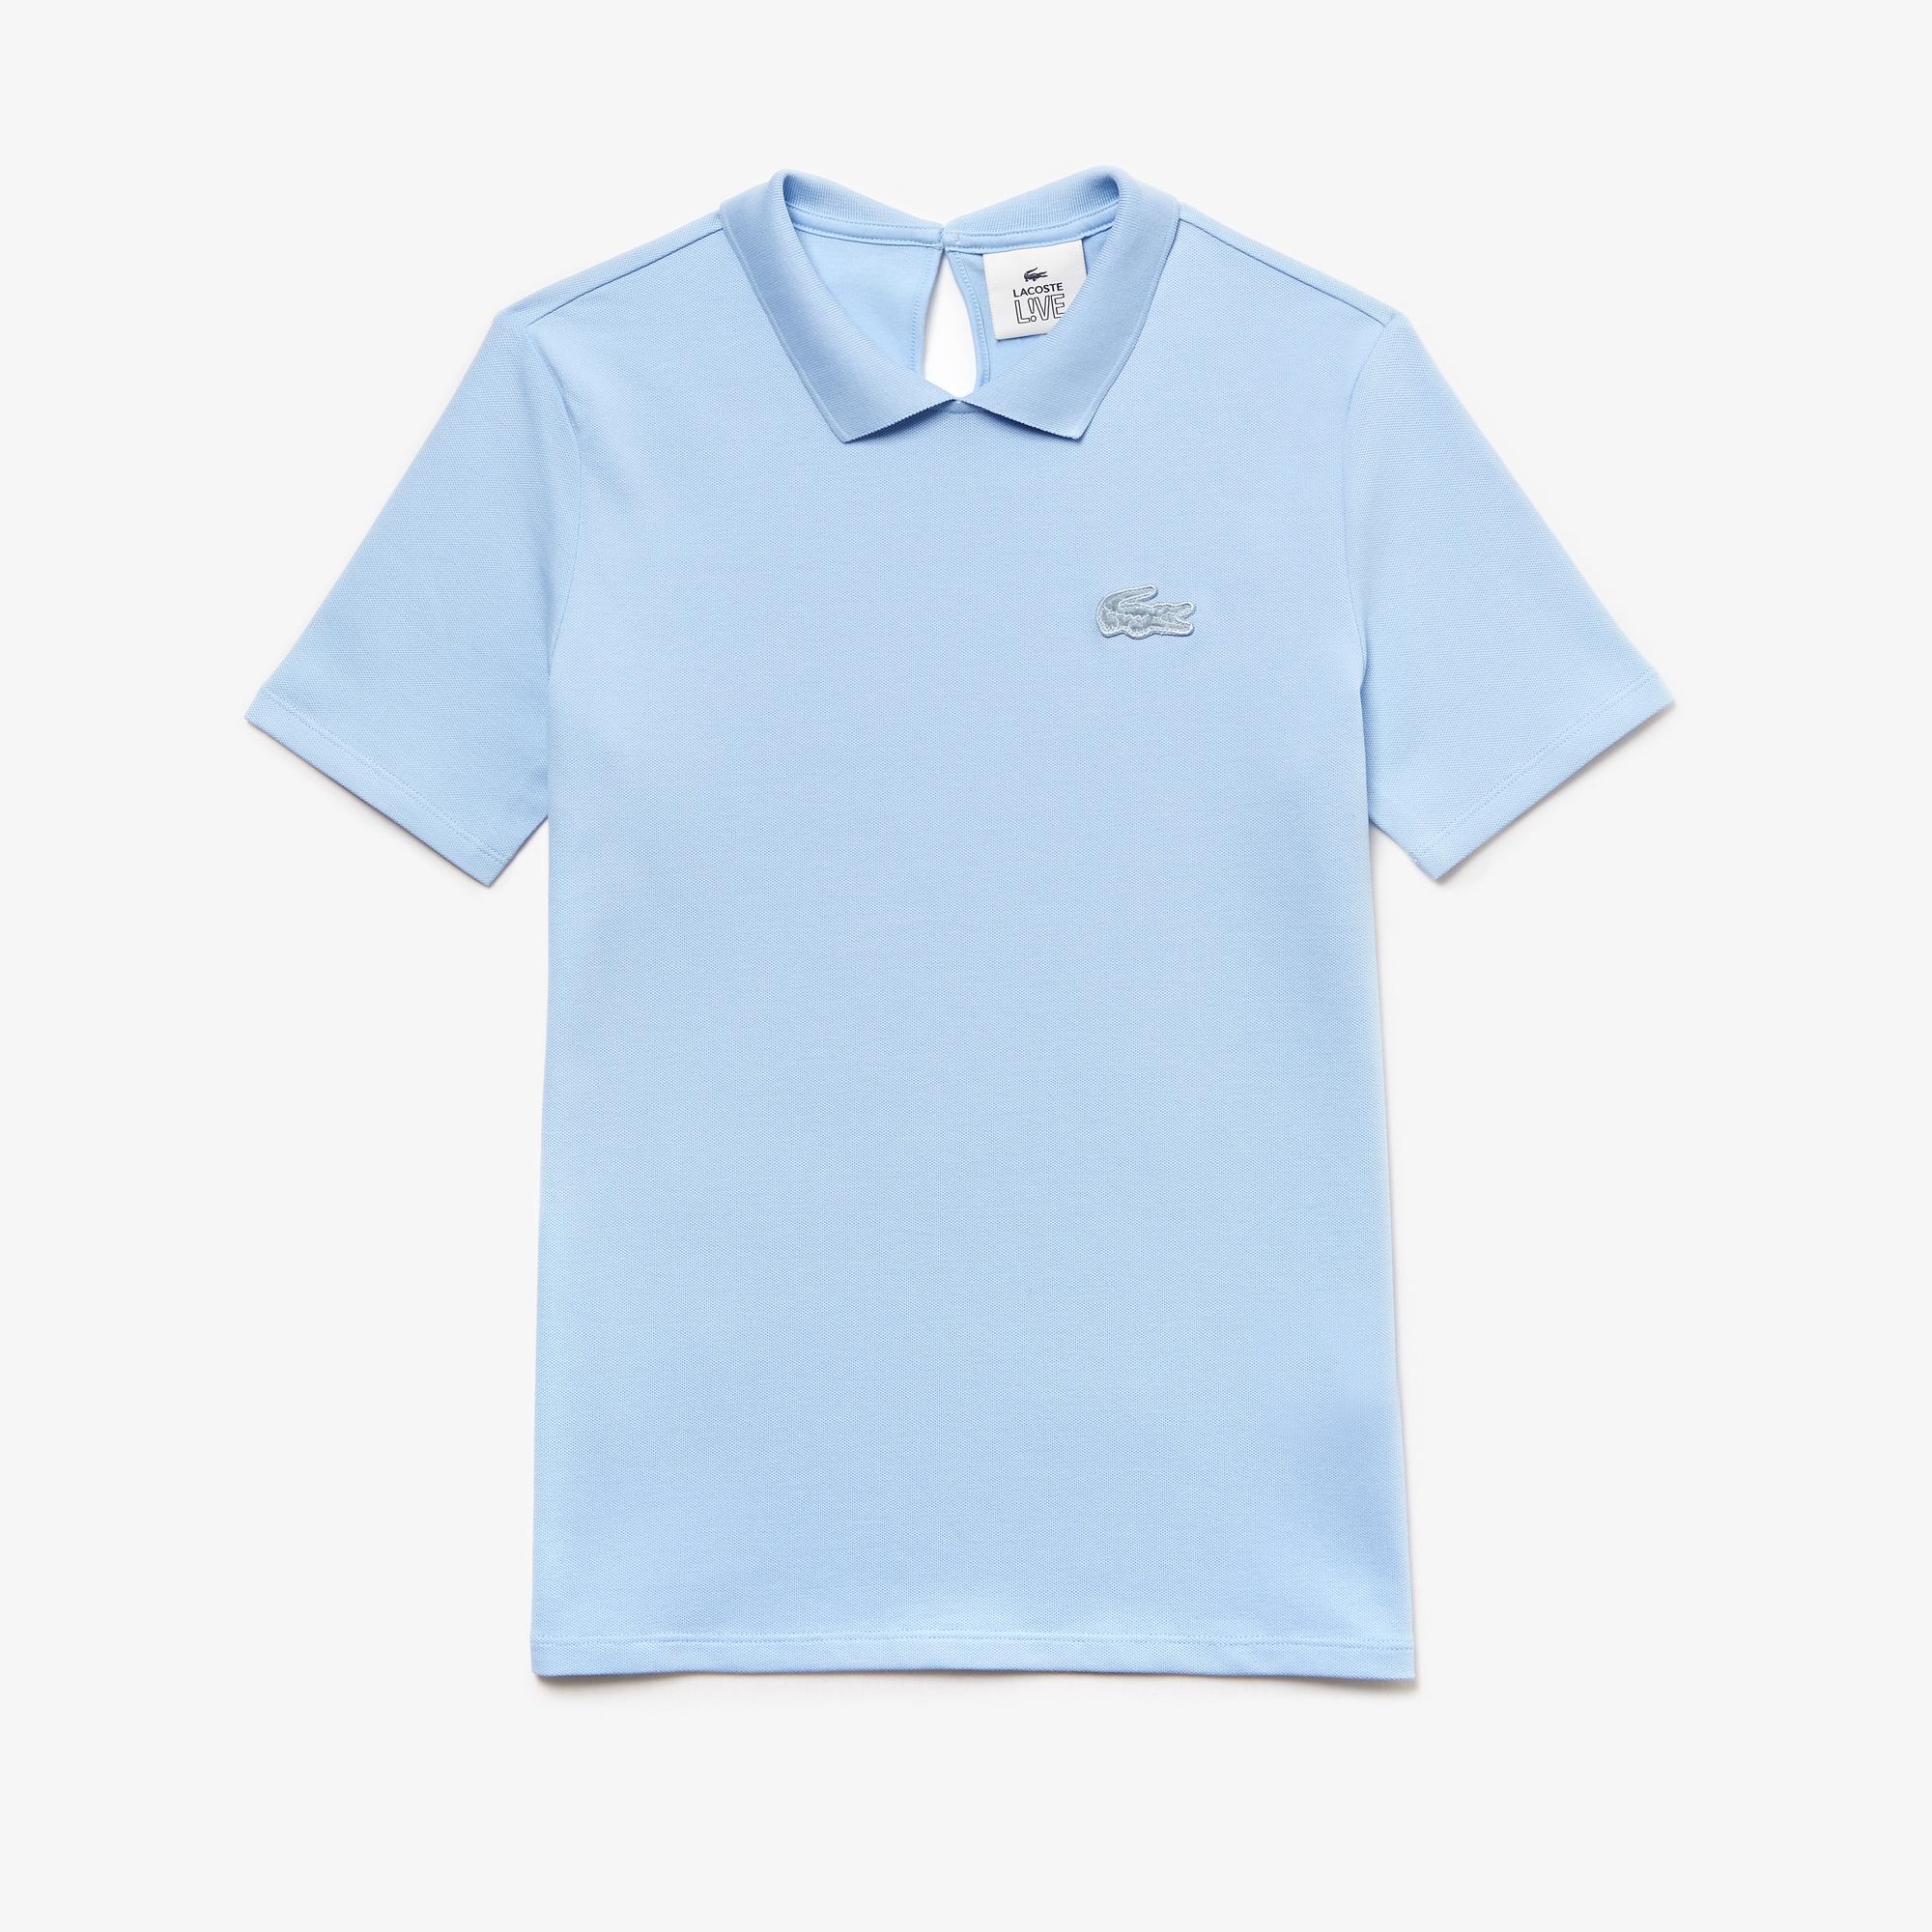 Lacoste Damska Koszulka Polo Z Krótkim Rękawem